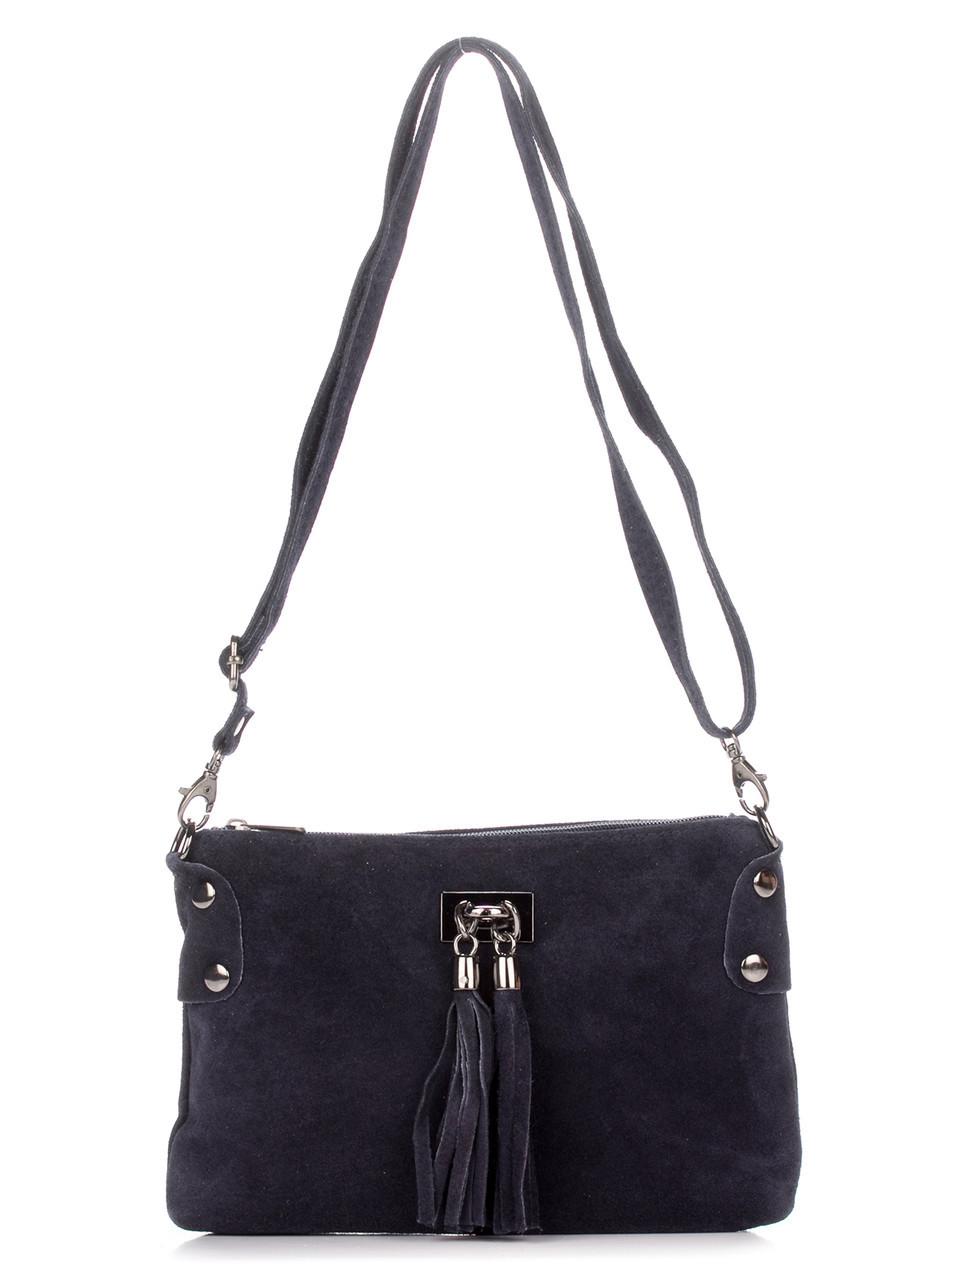 Женская кожаная сумка TIANNA Diva's Bag цвет темно-синий